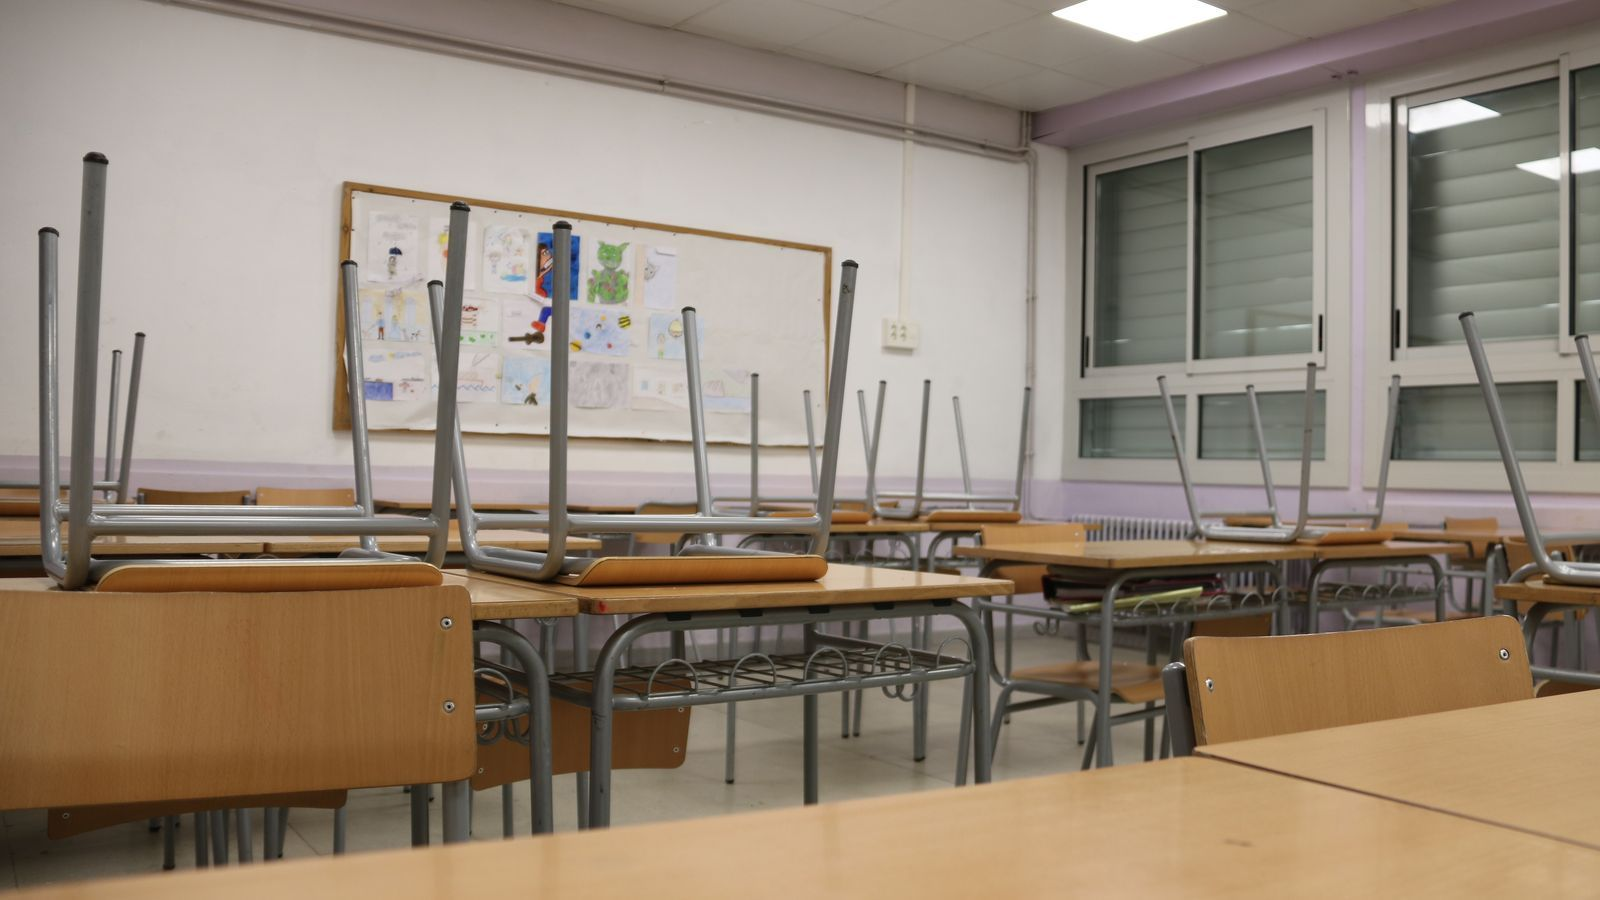 Què passa amb la preinscripció? I la selectivitat?: sis preguntes sobre el tancament dels centres educatius